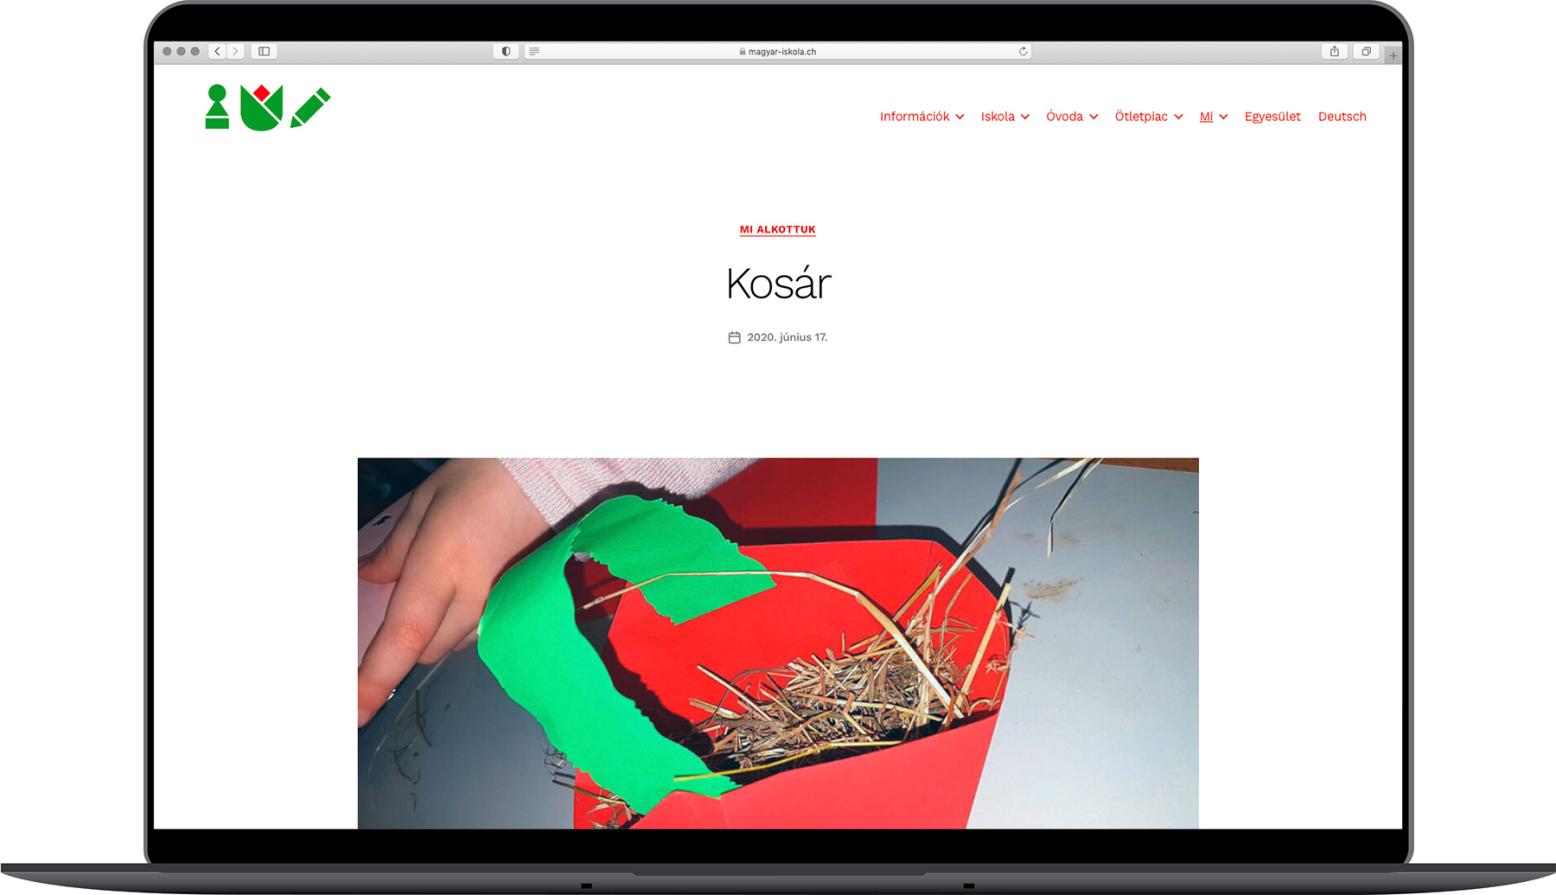 zmio_webseite_laptop_1800_05